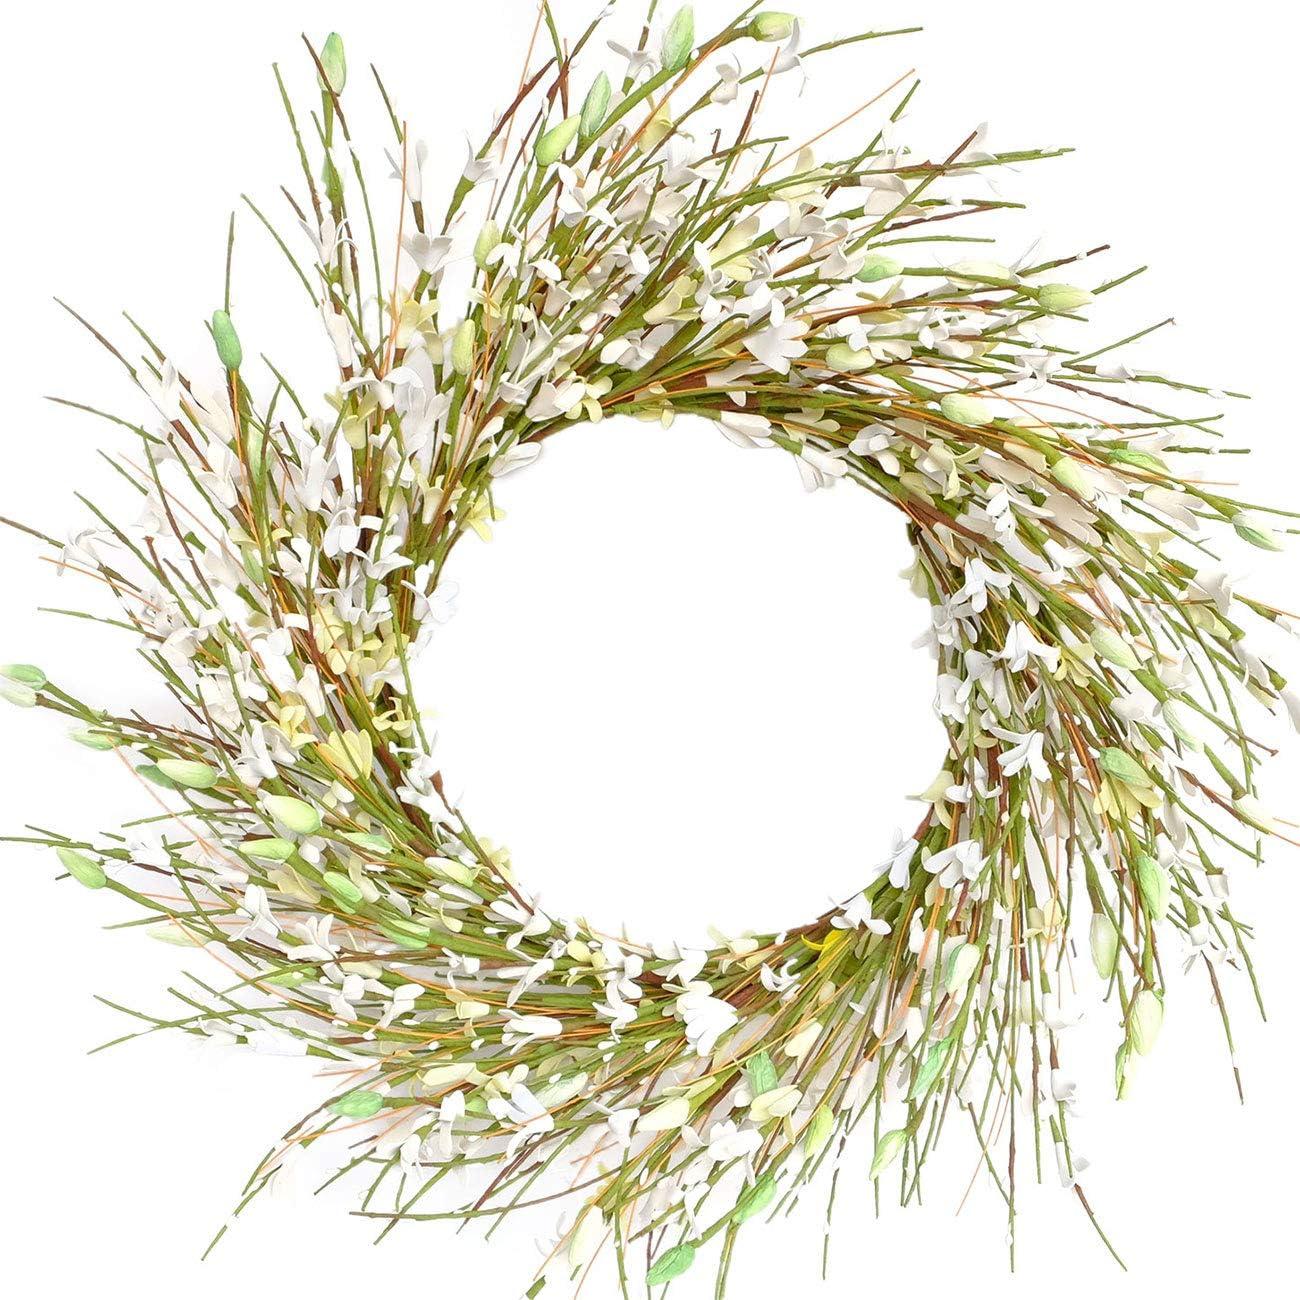 Bibelot 18inch Artificial Forsythia Flower Wreath, All Year Around Wreath for Front Door, Wedding Window Home Wall Indoor Front Door Decor (White, 18in)